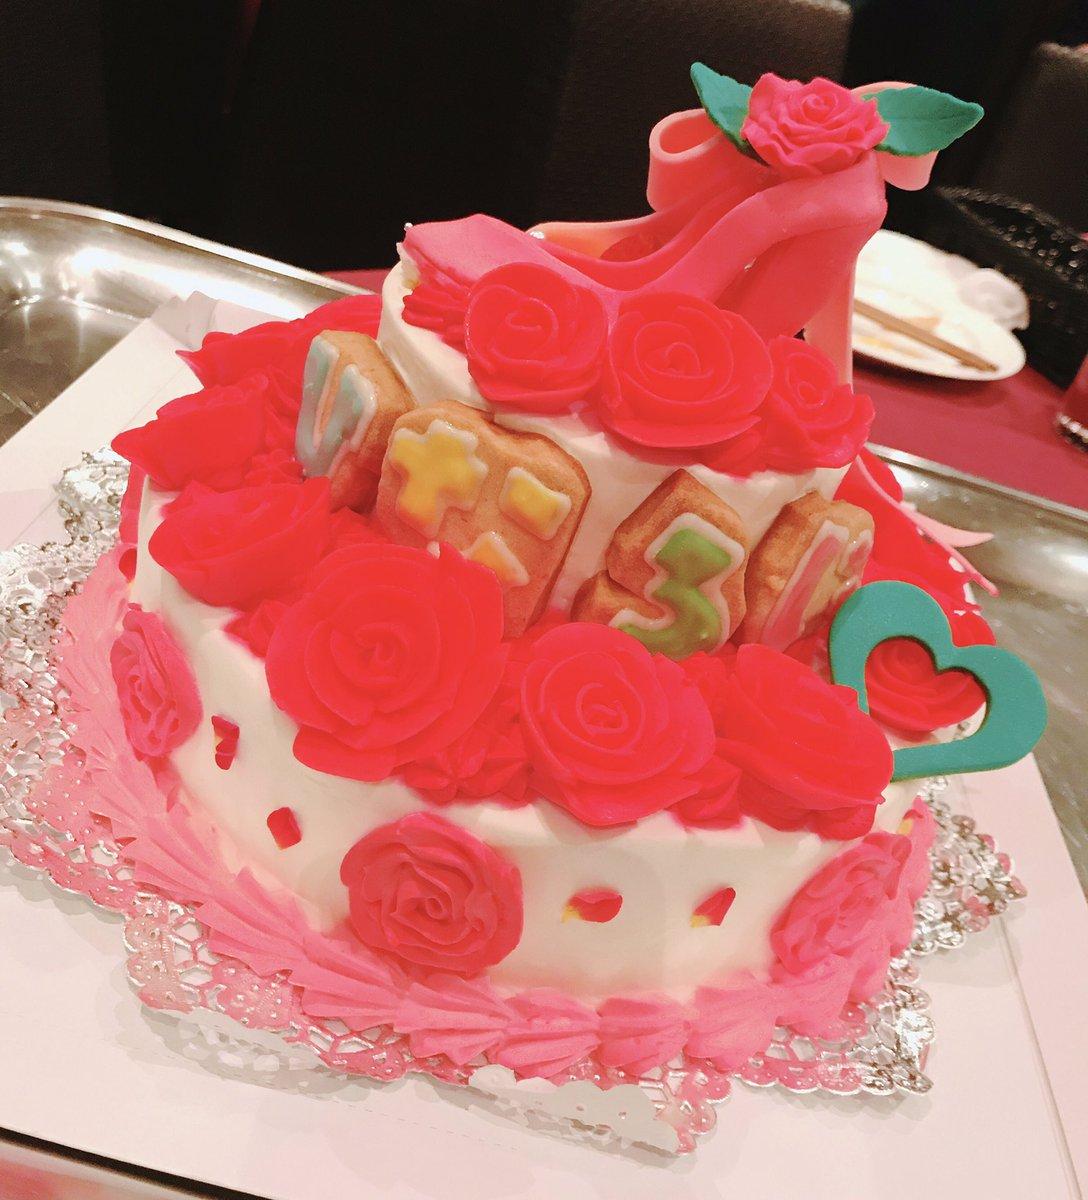 ひなろじケーキが出てきた!なんてフォトジェニックなの!!!どう写真撮ってもかわいい!!すごい!!!あ〜〜〜かわいい!!!